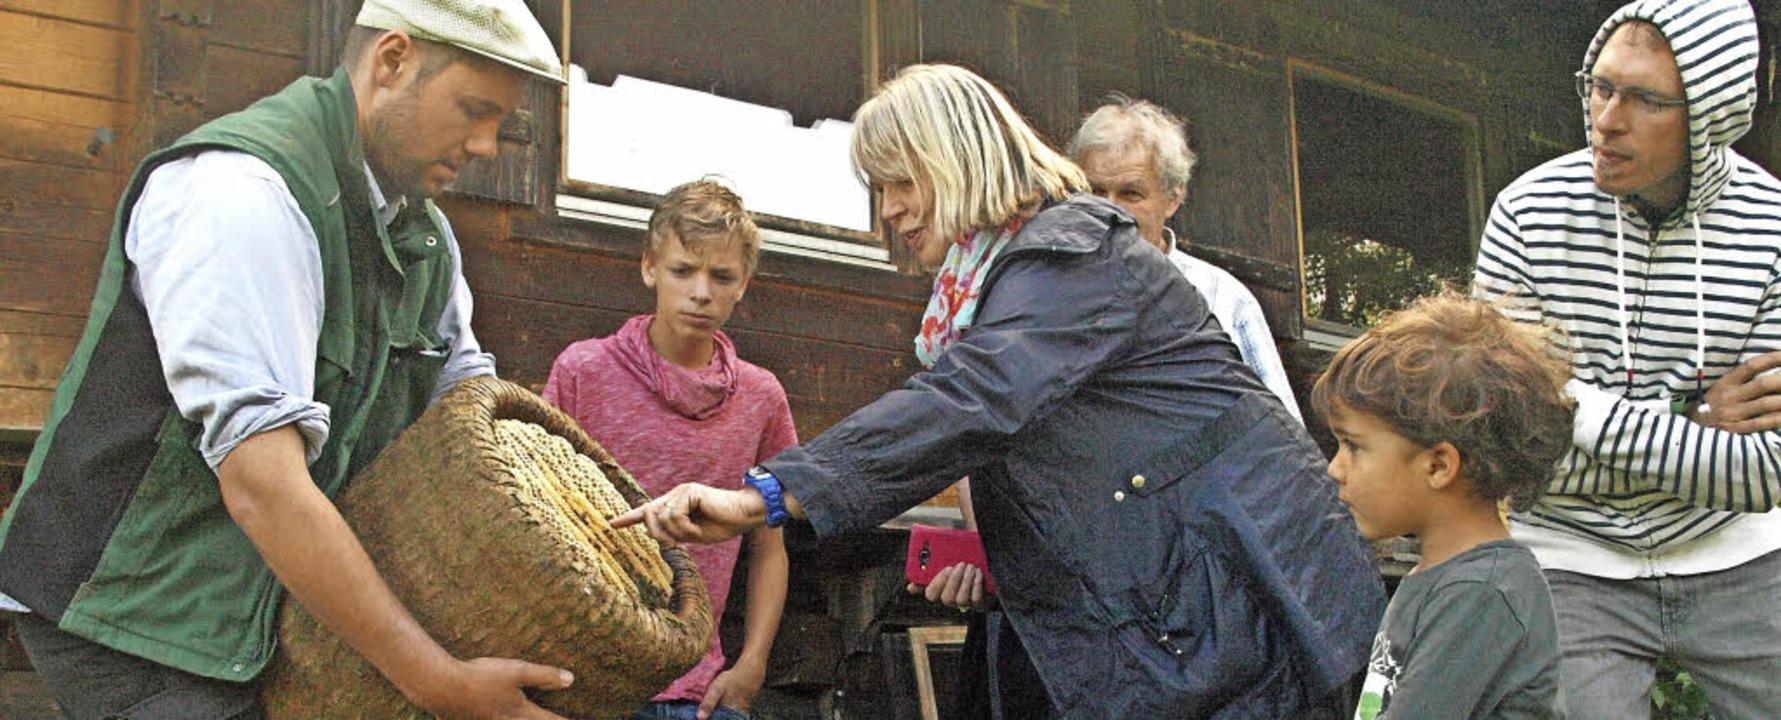 Goldenhofbauer Fabian Dreher ließ die ...gten, honigschweren Bienenkörbe zeigte  | Foto: Karin Stöckl-Steinebrunner